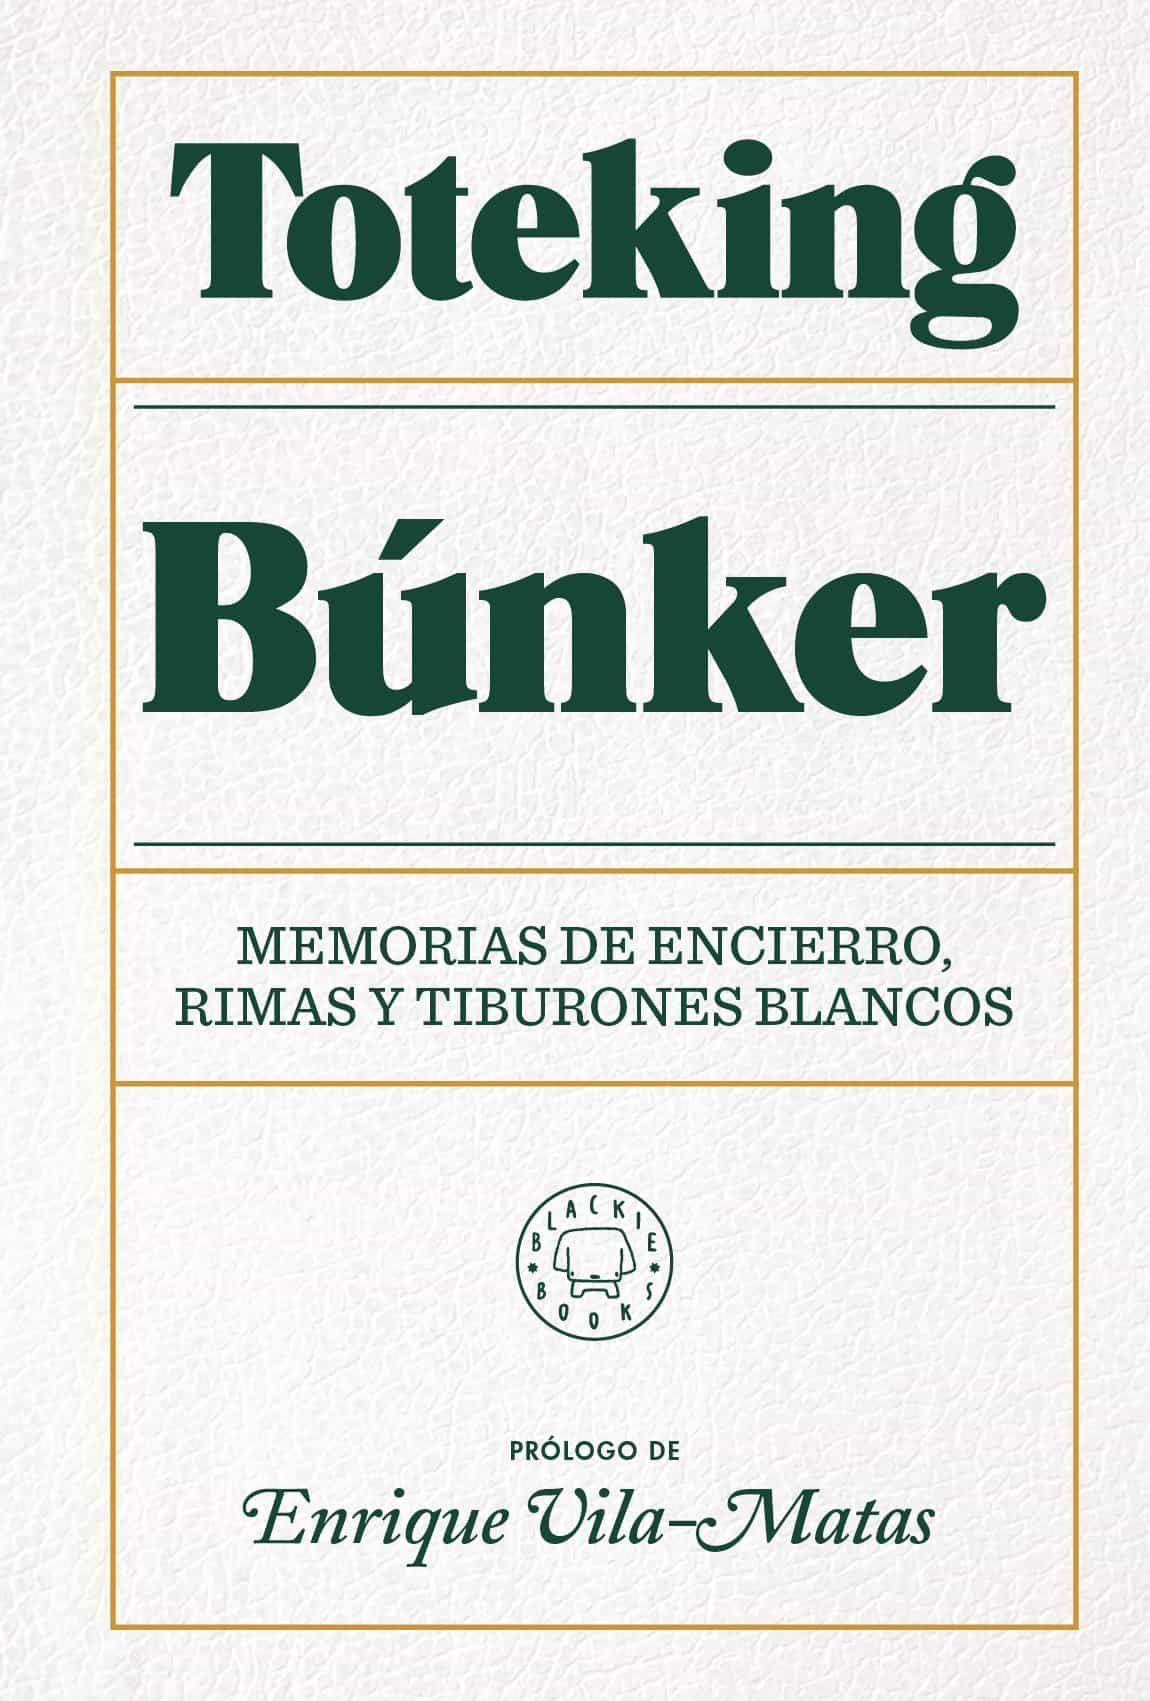 Búnker De Toteking Libros Libros De Biografía Libros En Espanol